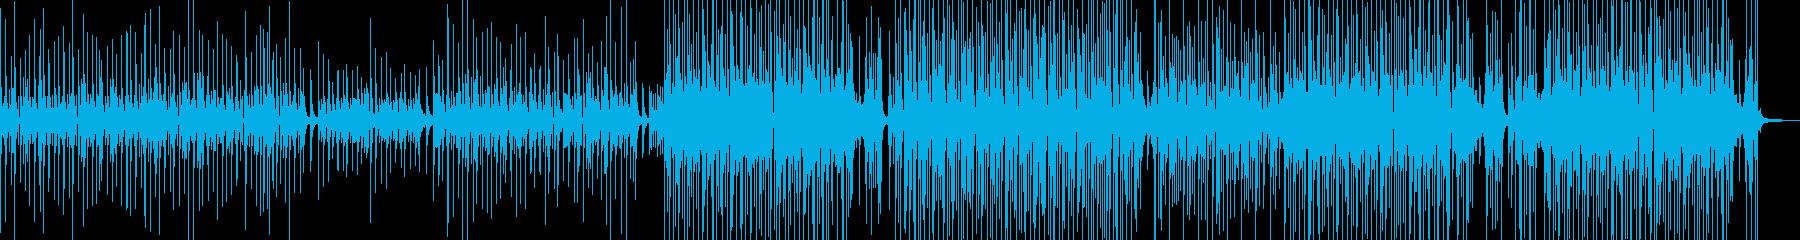 ウクレレ・まったりした作品に 長尺の再生済みの波形